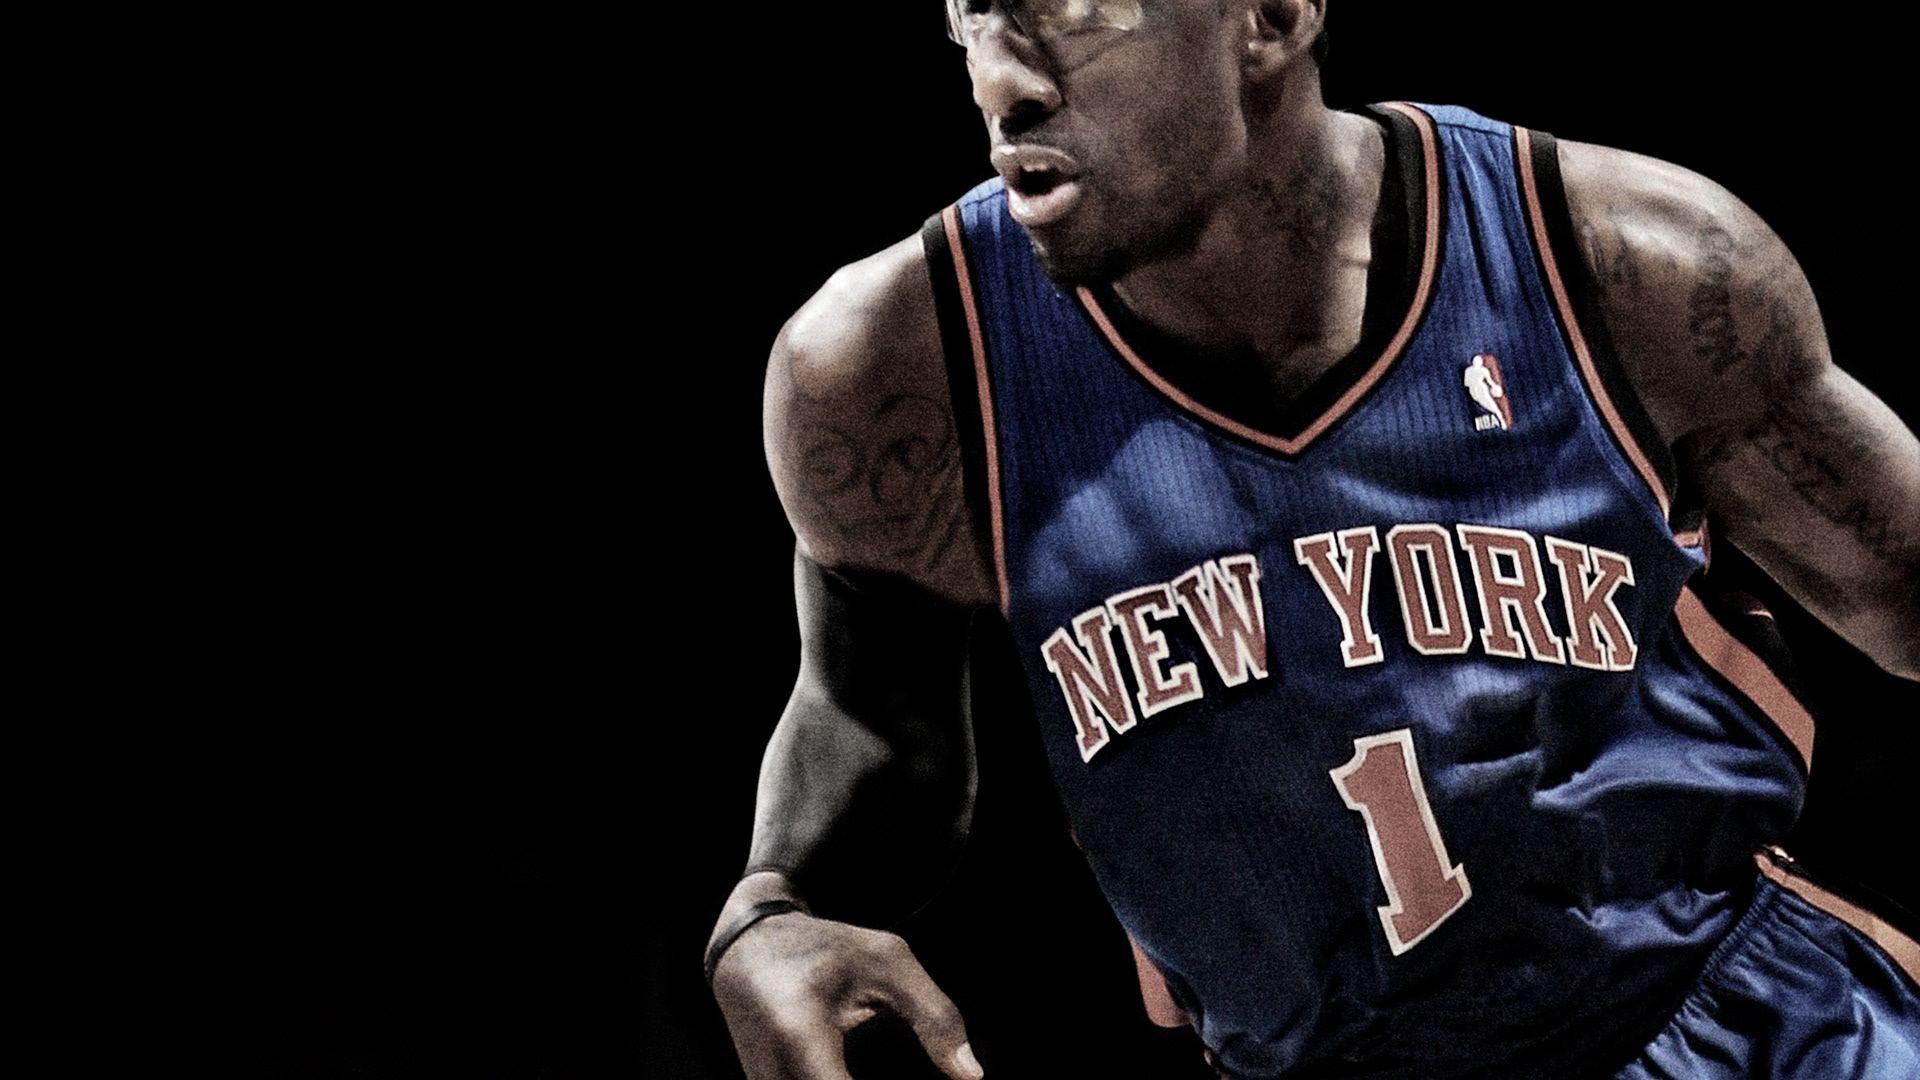 Nike Basketball Image